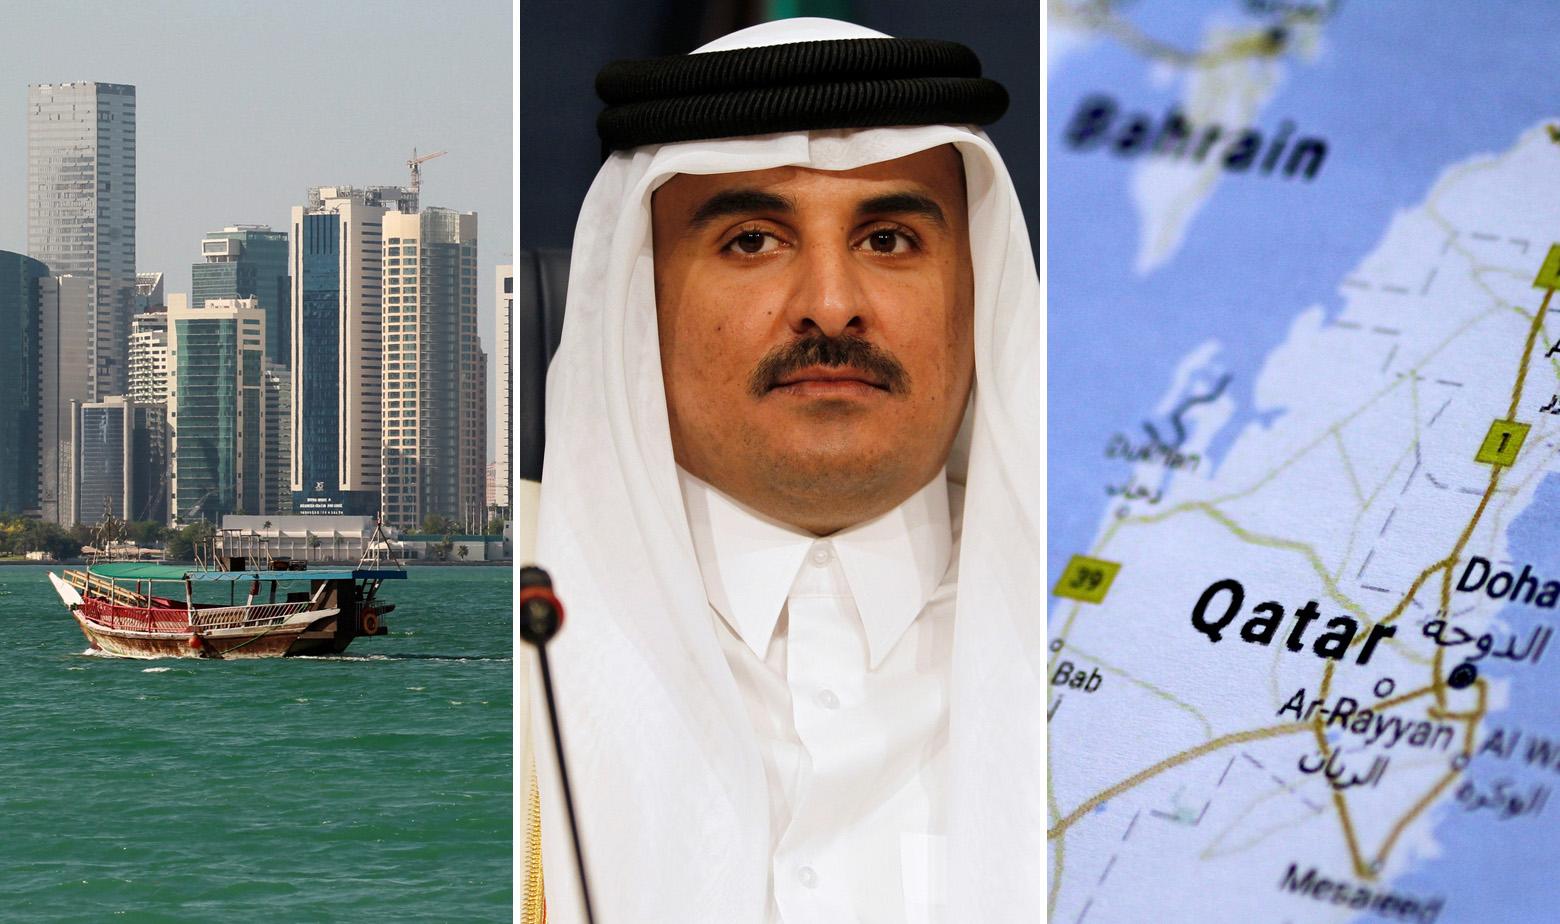 Doha i katarski emir Tamim bin Hamad al-Thani